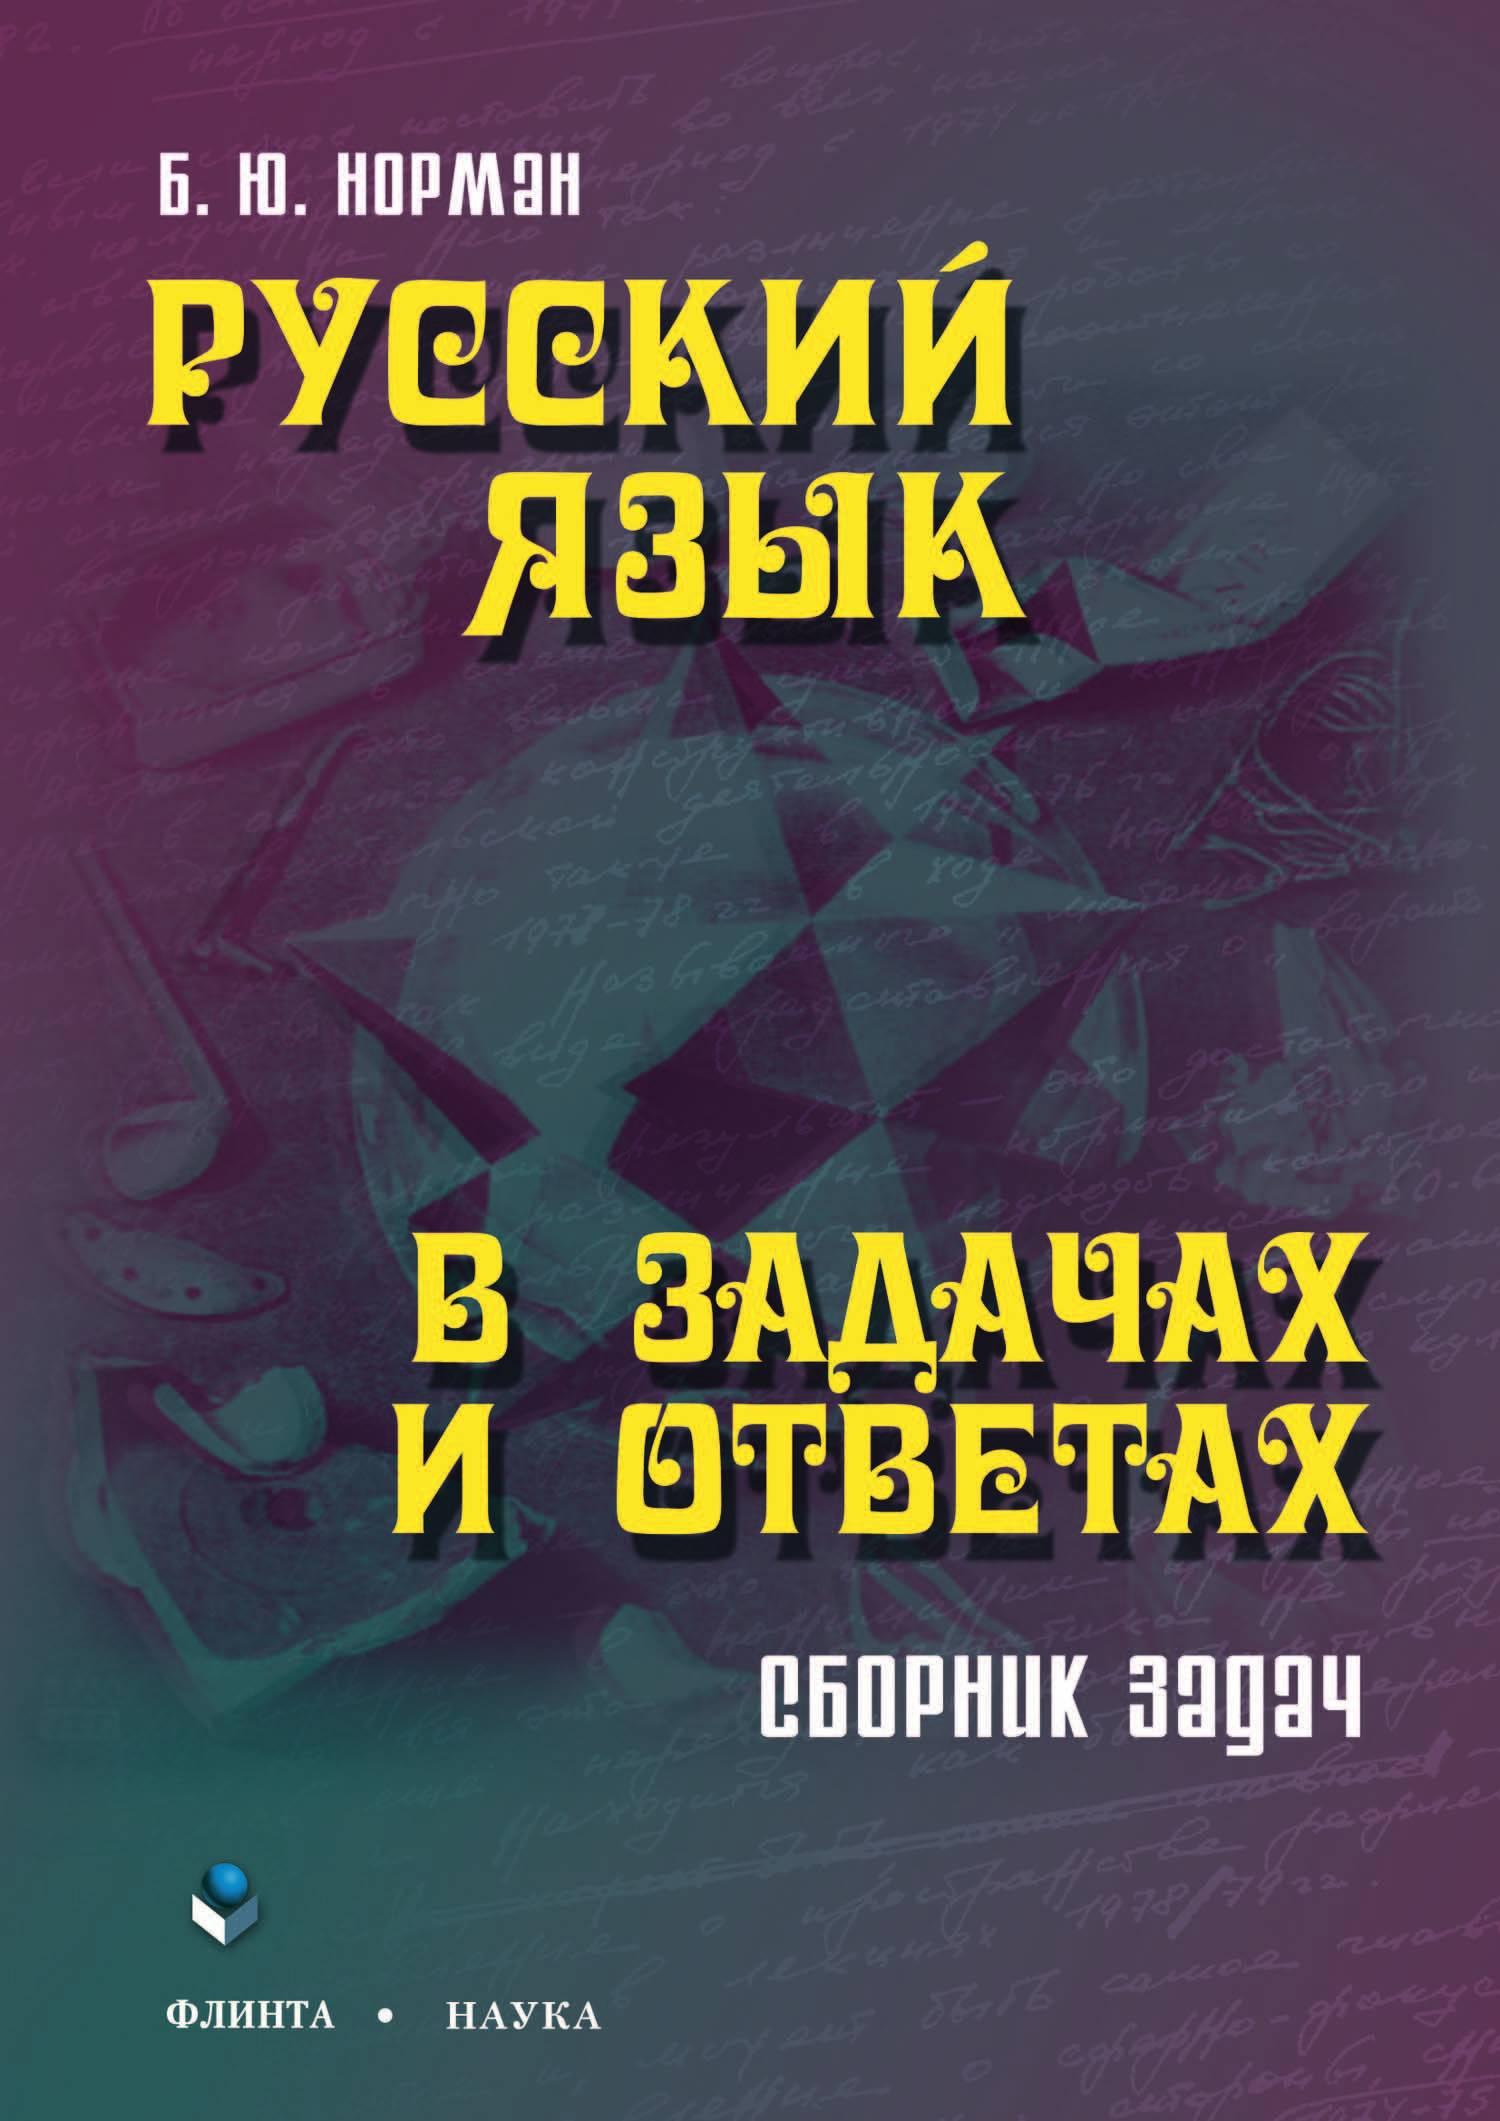 Норман Б.Ю. Русский язык в задачах и ответах